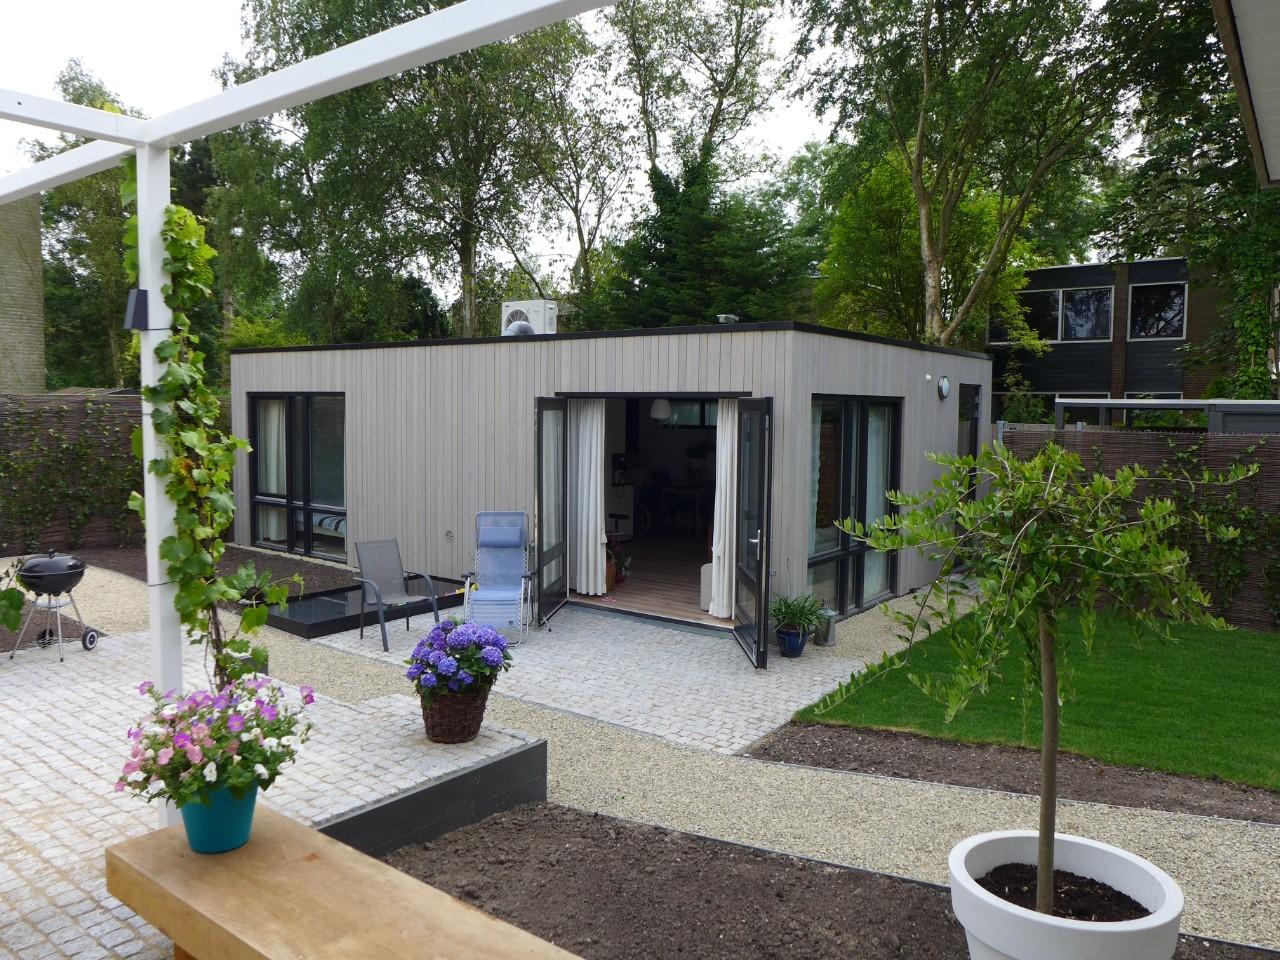 Mantelzorgwoning vragen en antwoorden - Huis in de tuin ...